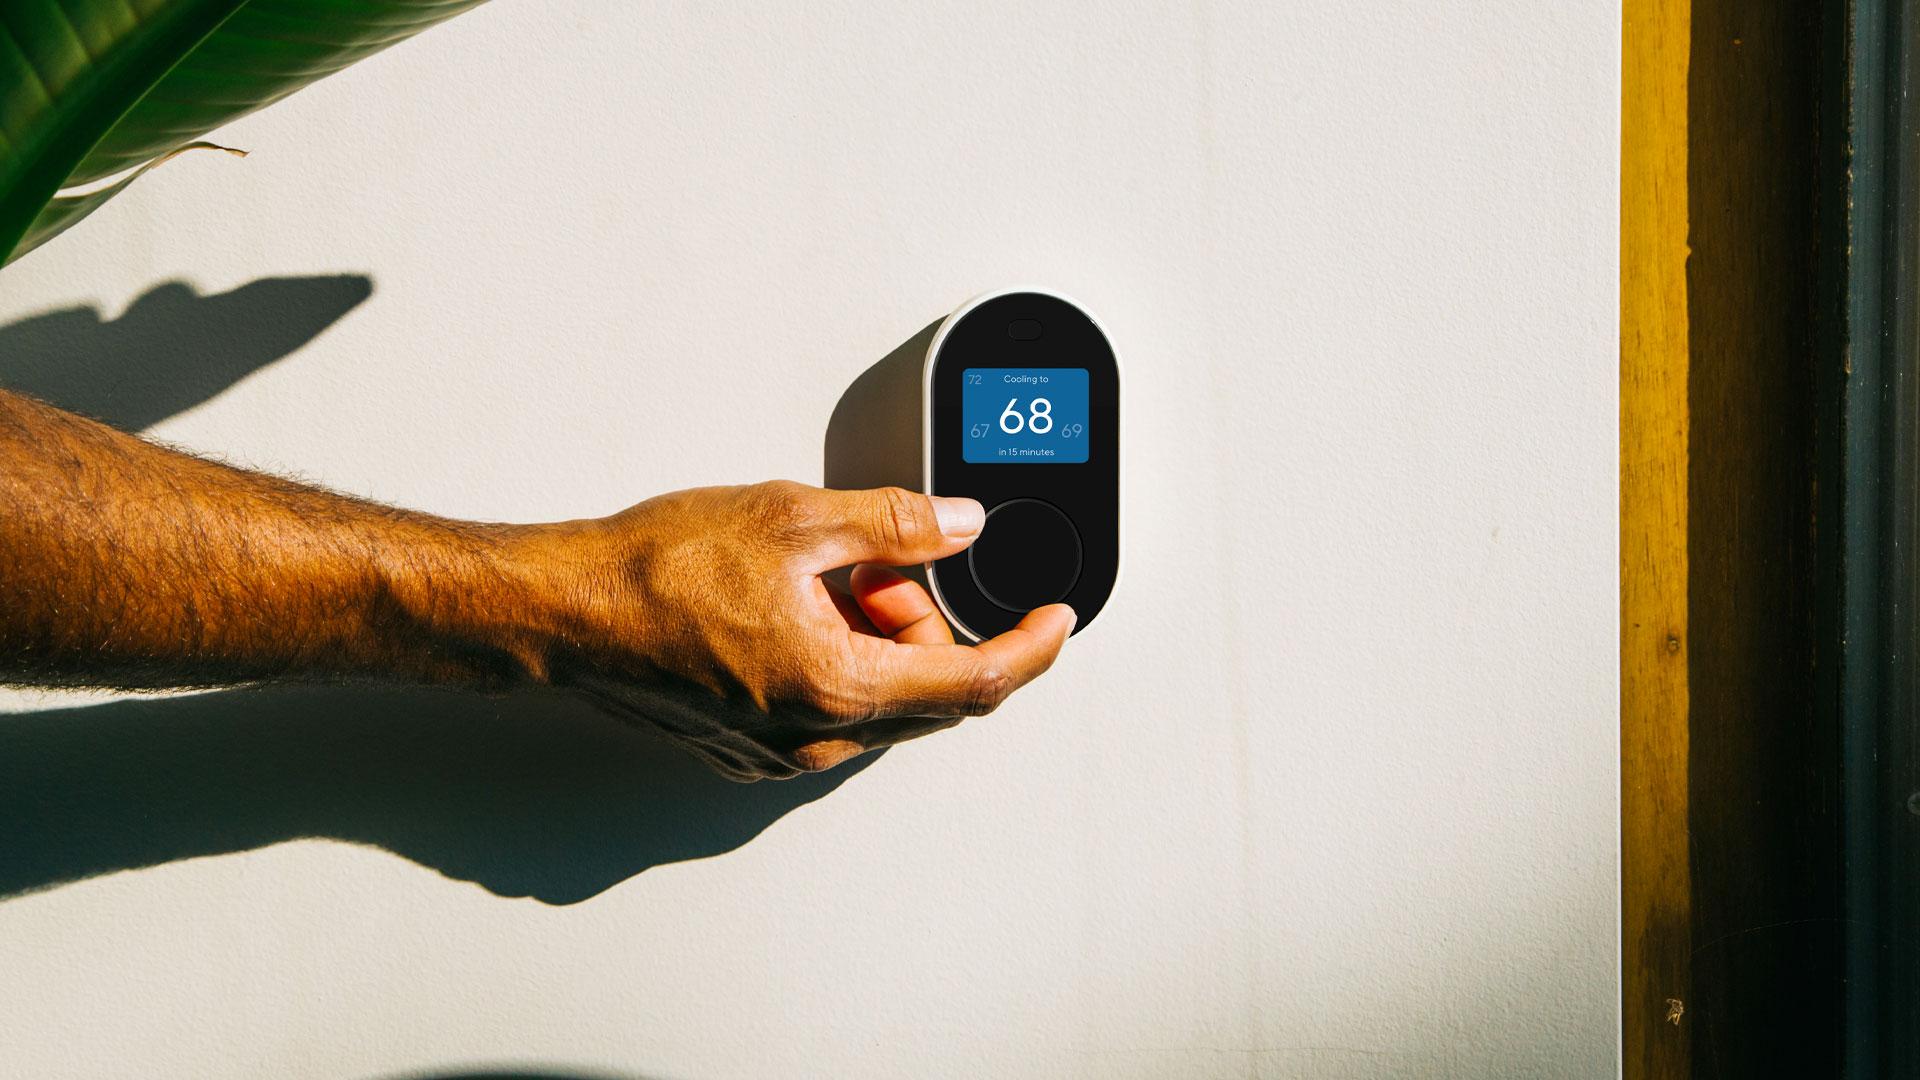 Wyze Smart Thermostat